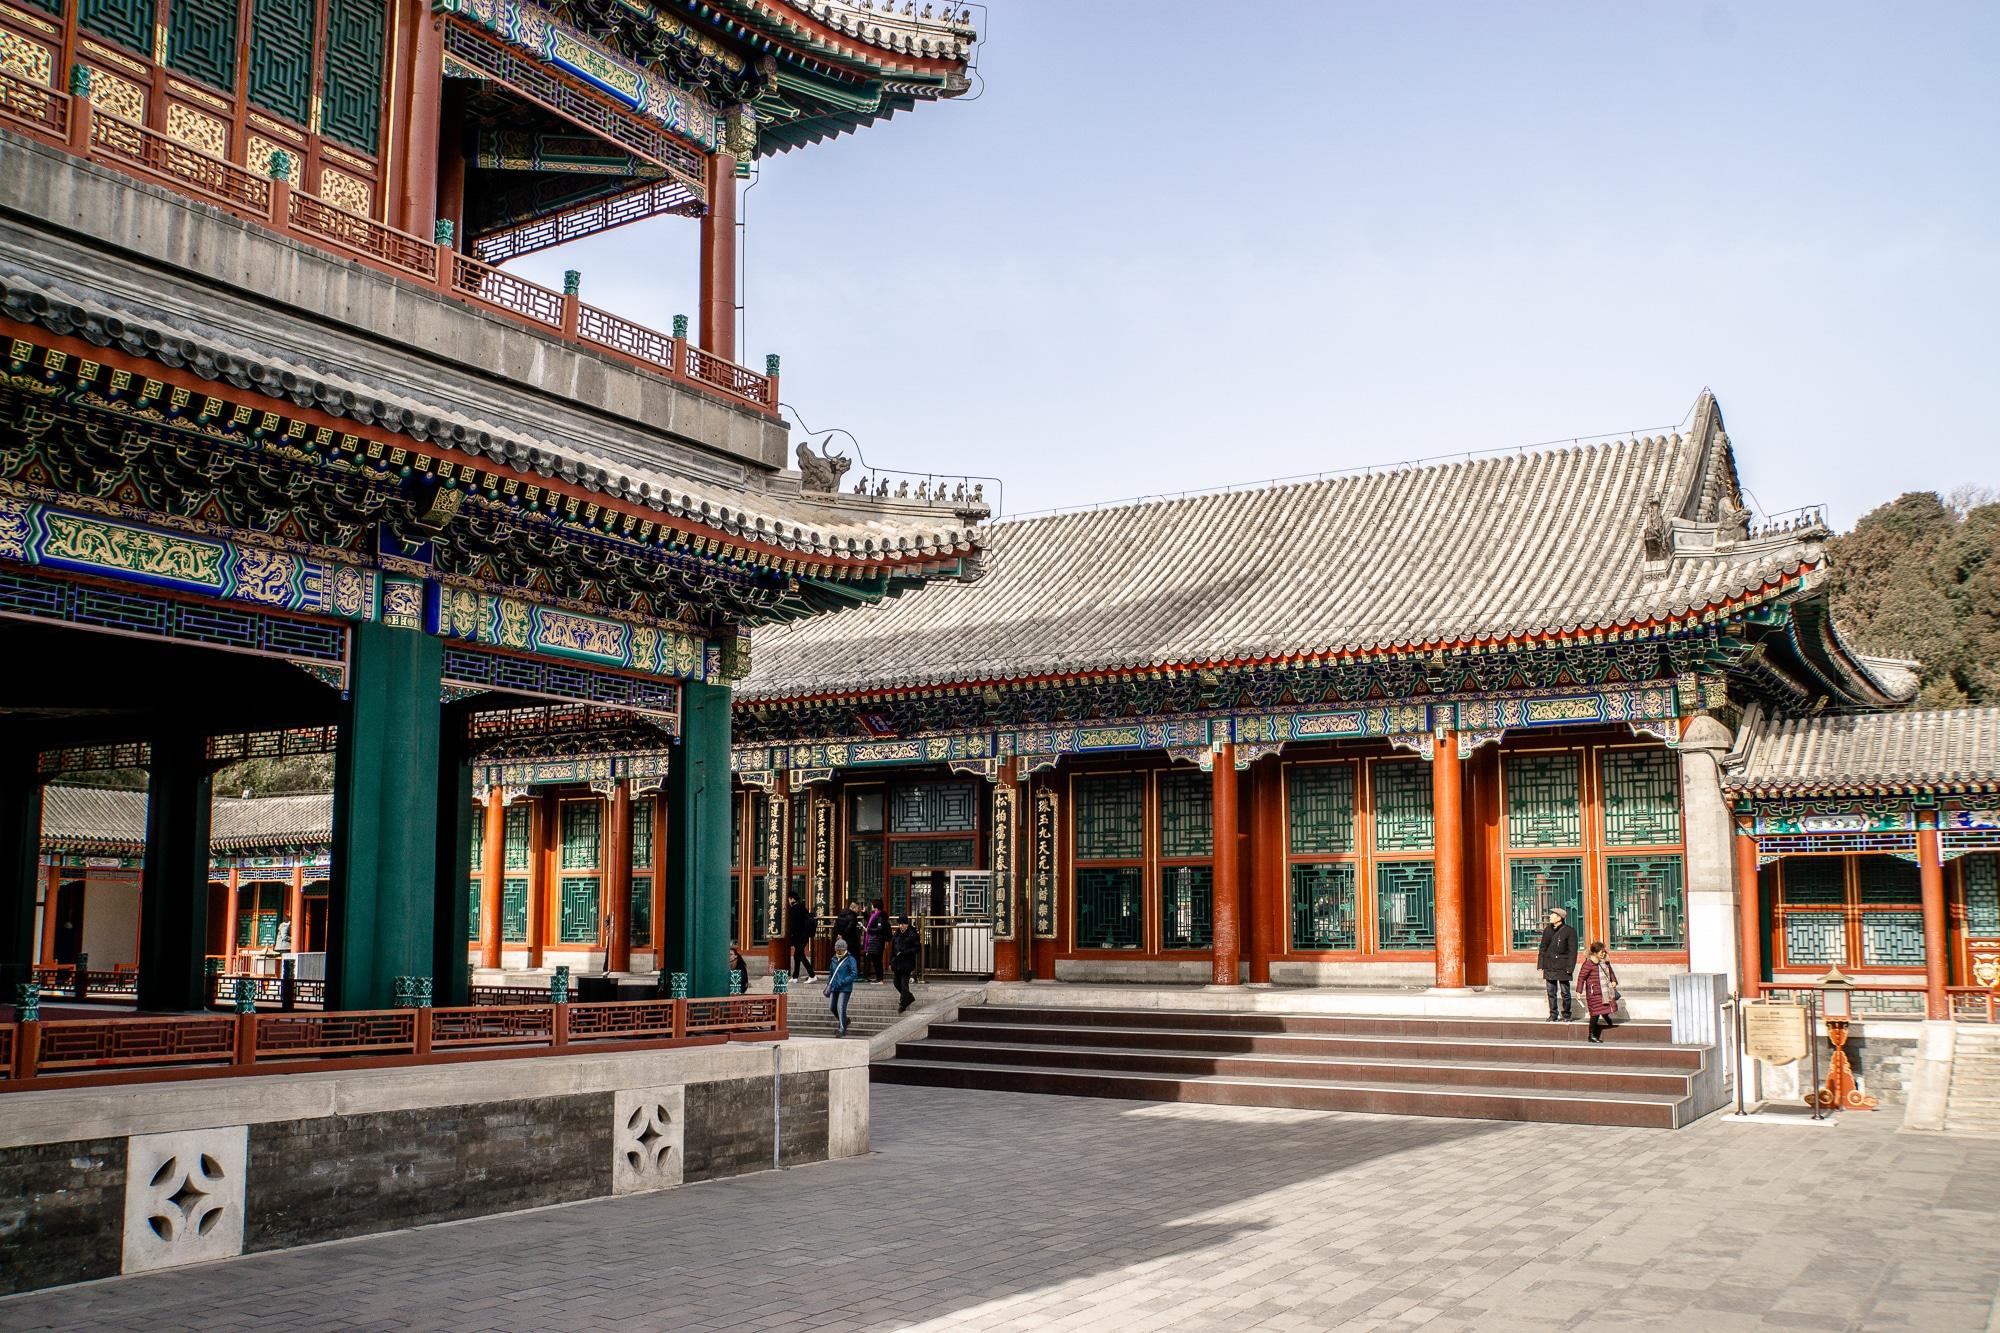 Sommerpalast in Peking: Die schönsten Sehenswürdigkeiten & Highlights - Garten der Harmonie und des Vergnügens / Garden of Virtue and Harmony